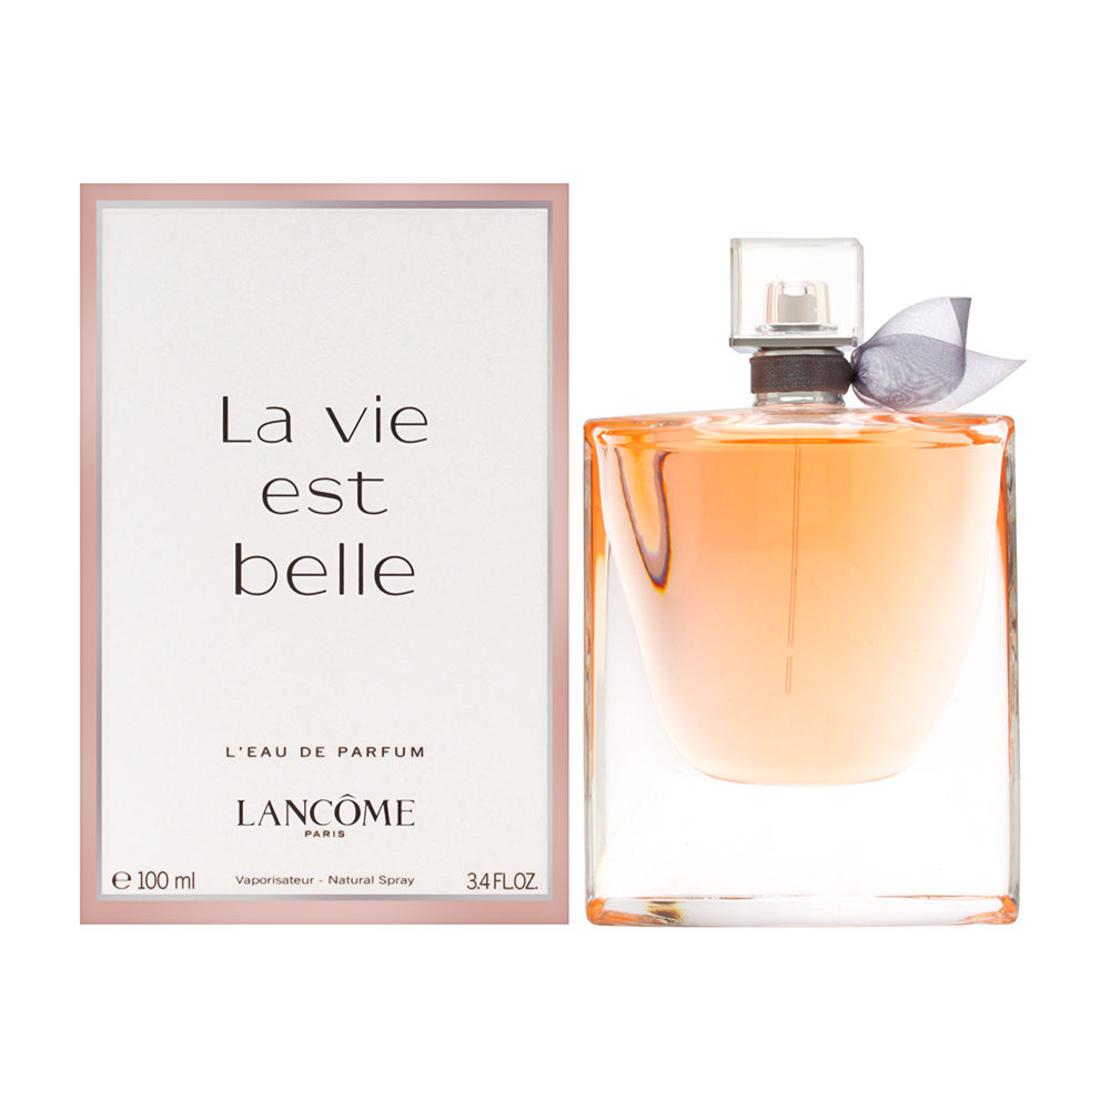 בושם לאשה לנקום לה ויא א בל Lancome La vie est belle EDP (W) 100 ML